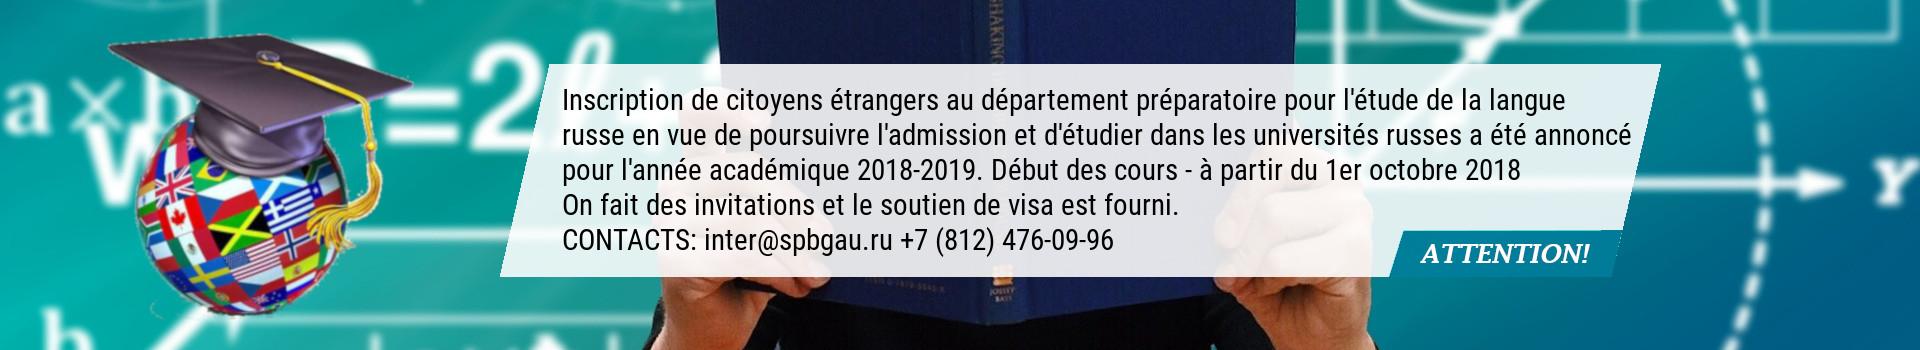 ATTENTION! Inscription de citoyens étrangers au département préparatoire pour l'étude de la langue russe en vue de poursuivre l'admission et d'étudier dans les universités russes a été annoncé pour l'année académique 2018-2019 Début des cours - à partir du 1er octobre 2018 On fait des invitations et le soutien de visa est fourni. CONTACTS: inter@spbgau.ru +7 (812) 476 09 96